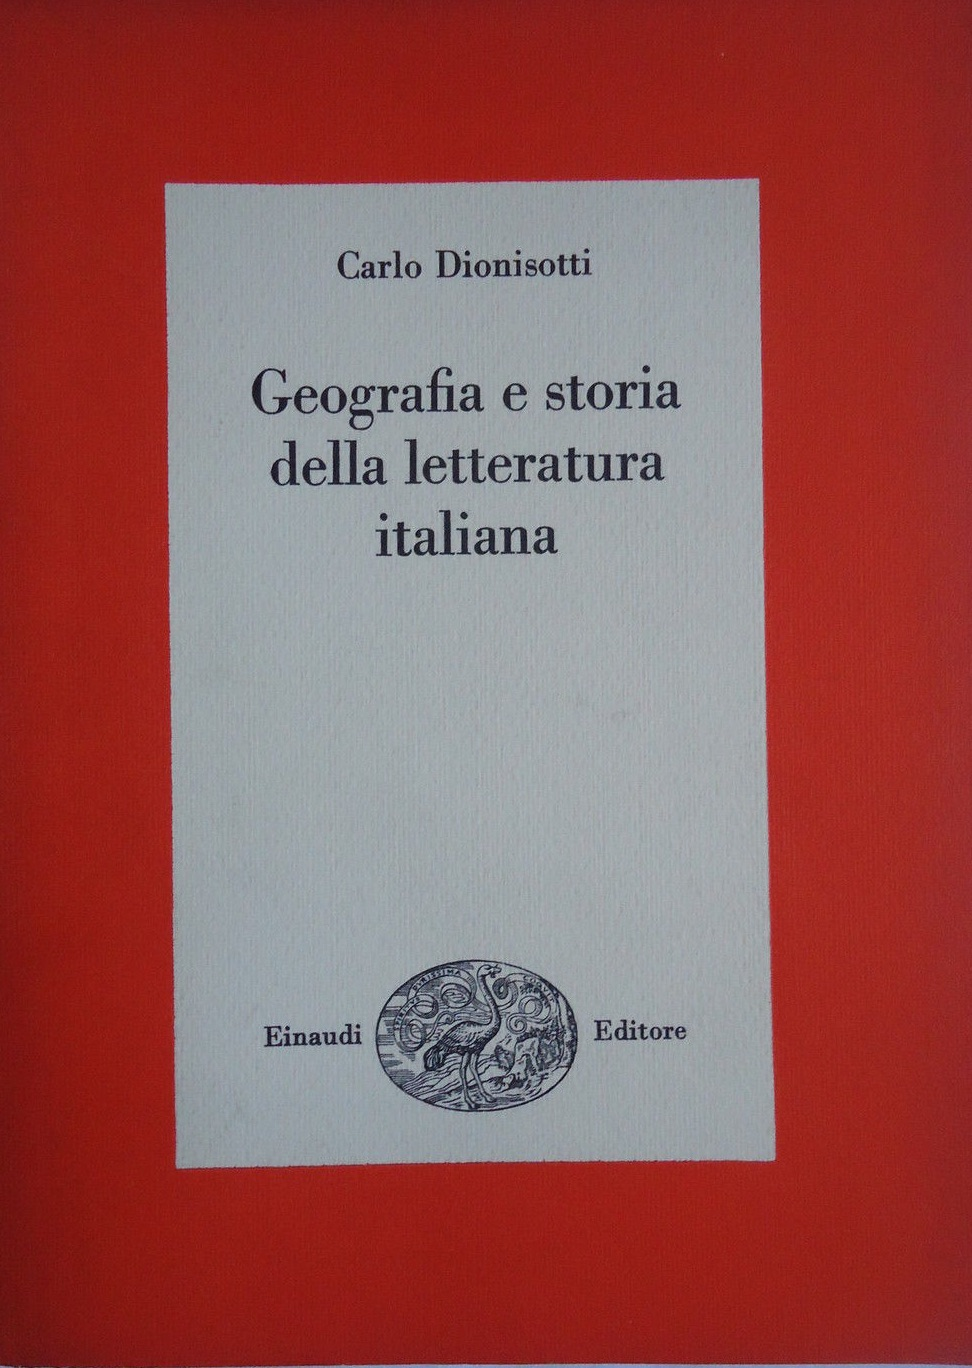 Geografia e storia della letteratura italiana